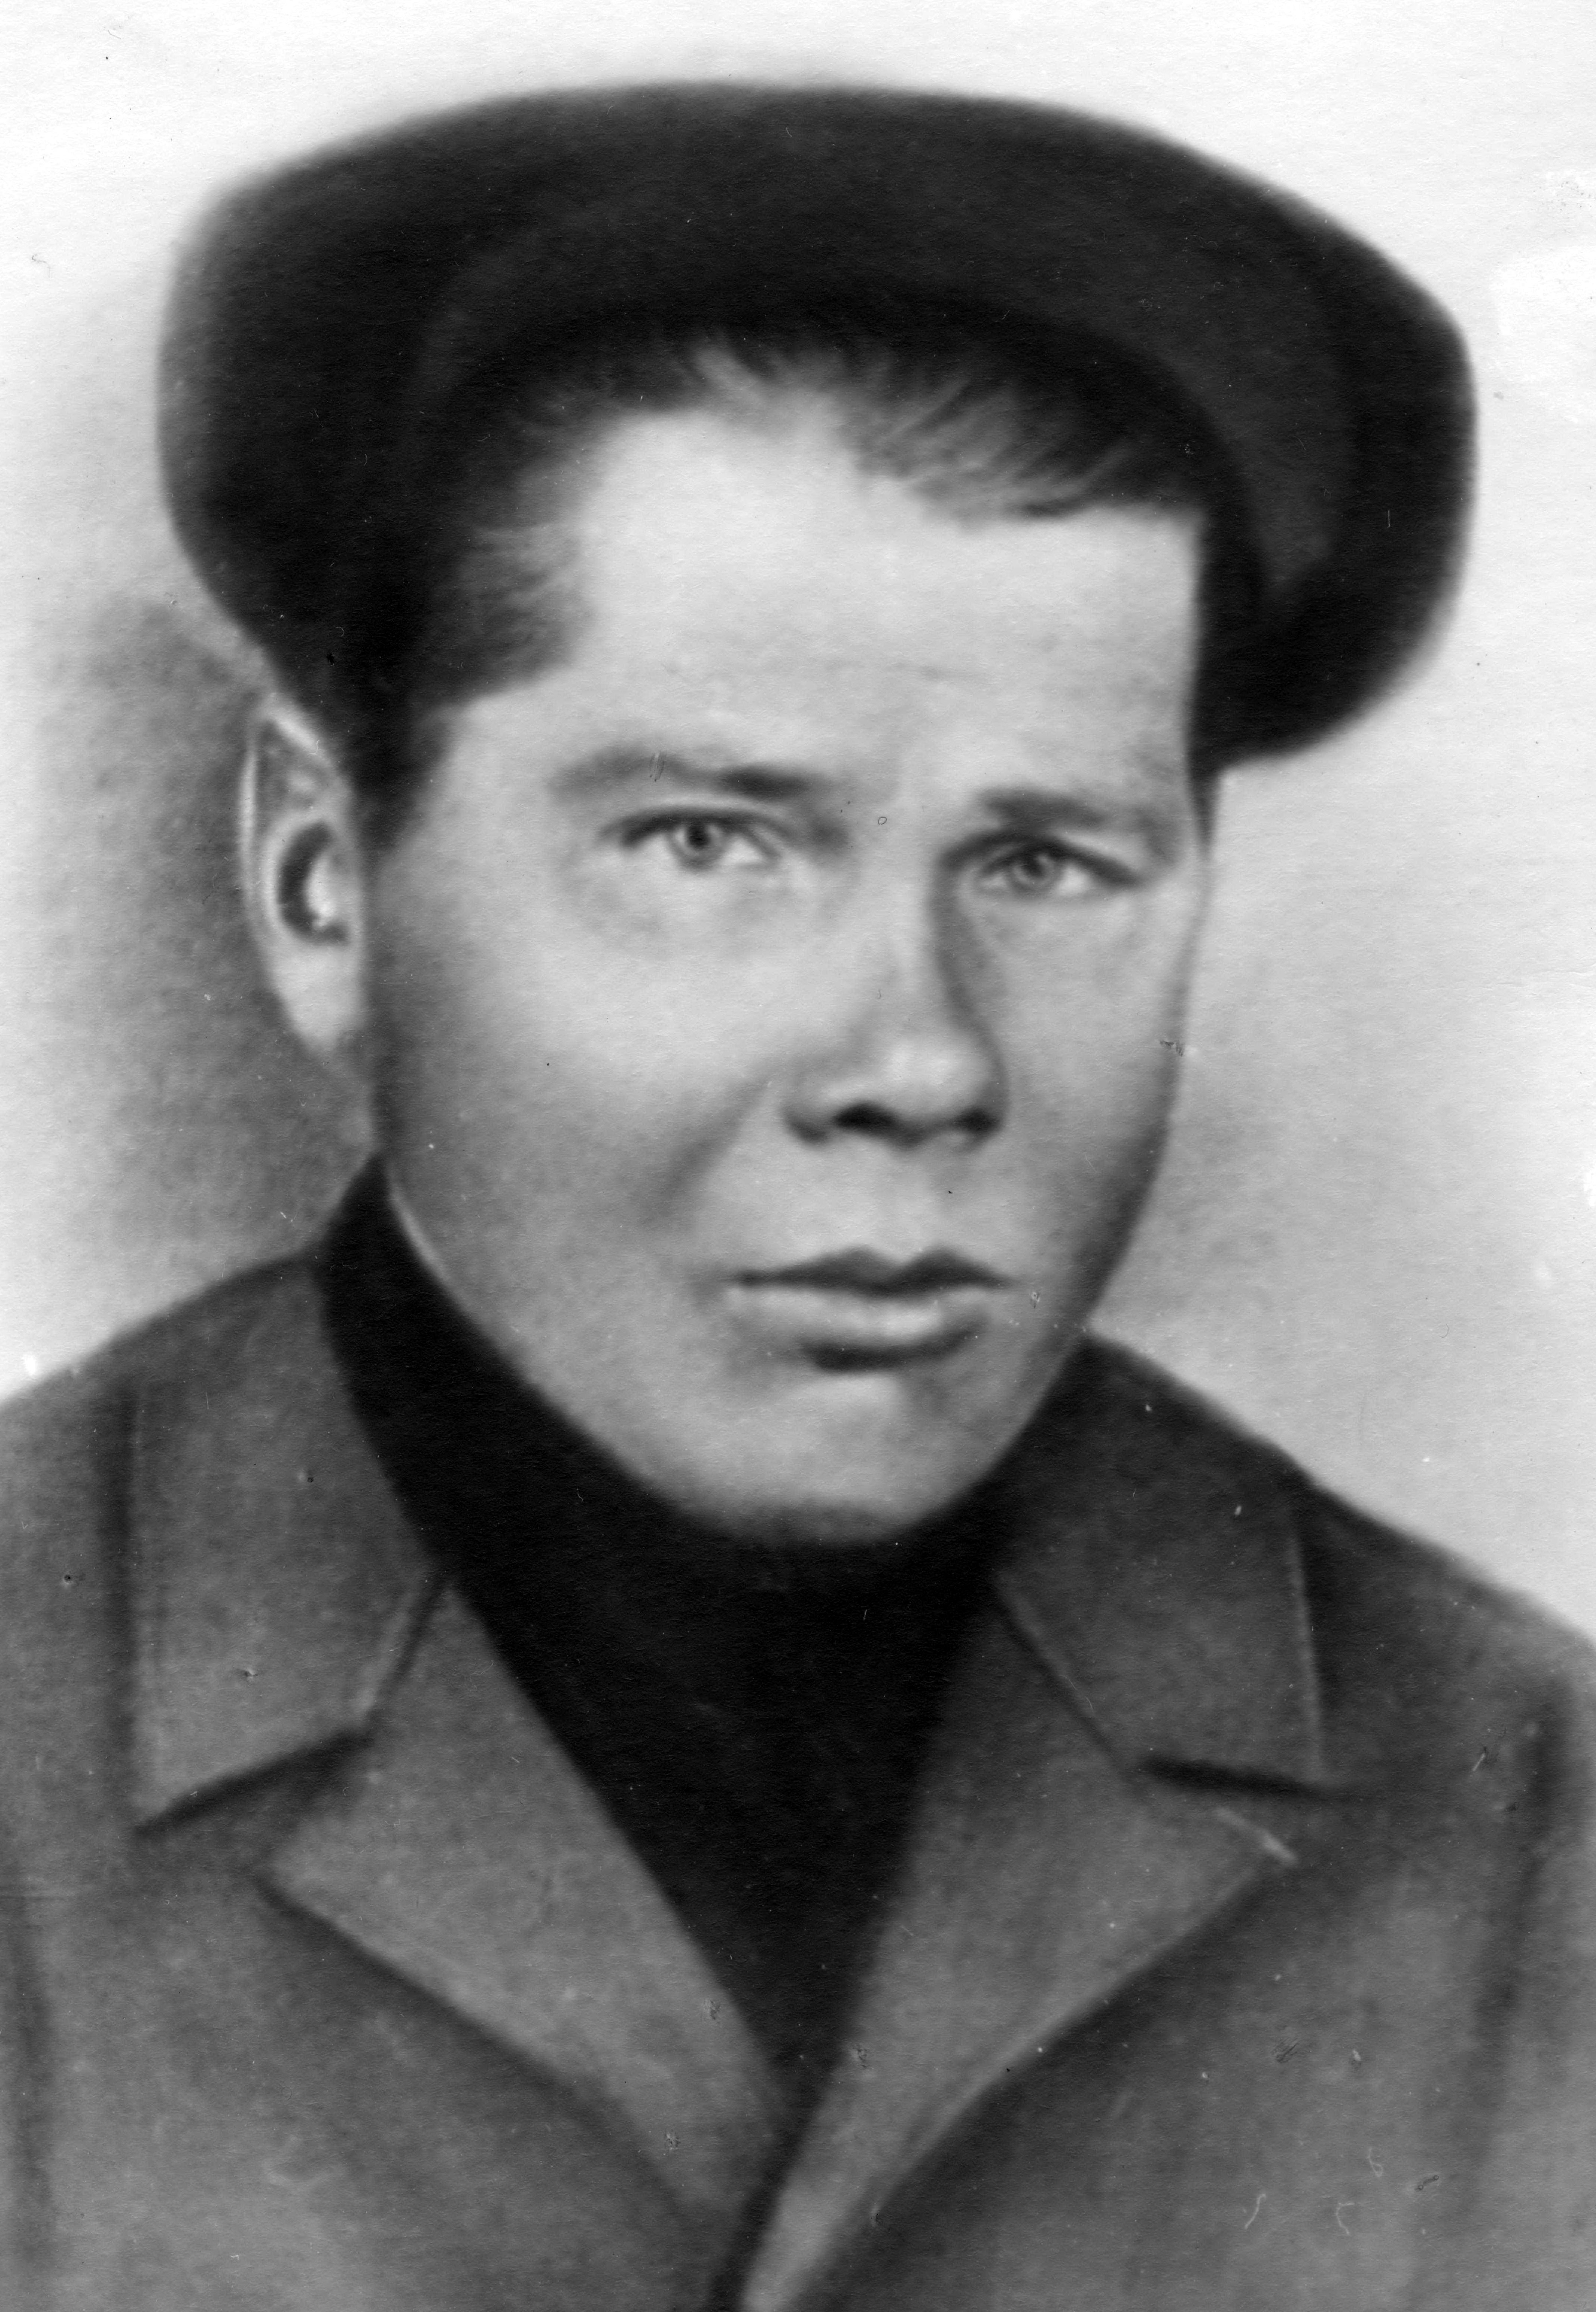 Макаров Павел -муж Евдокии Константиновны. фото из семейного архива Травниковой В.В.